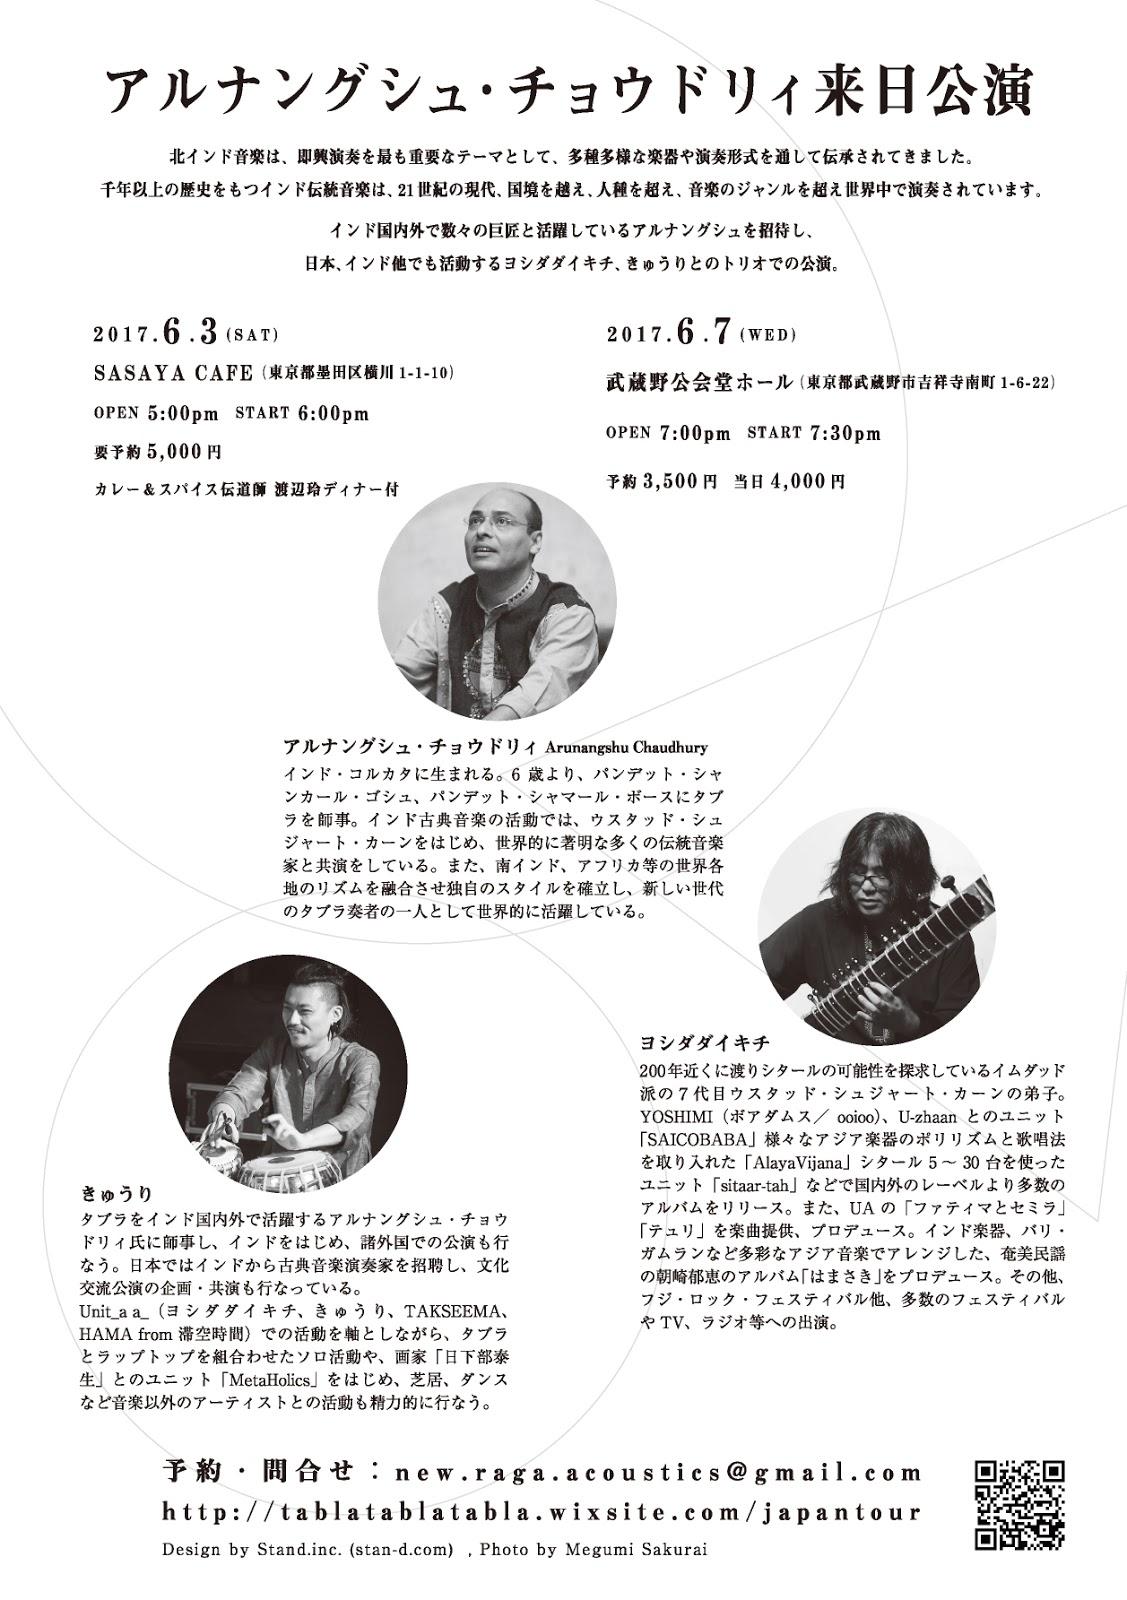 師匠チョーさんとの来日公演が63の67の2回公演に決定 タブラ奏者